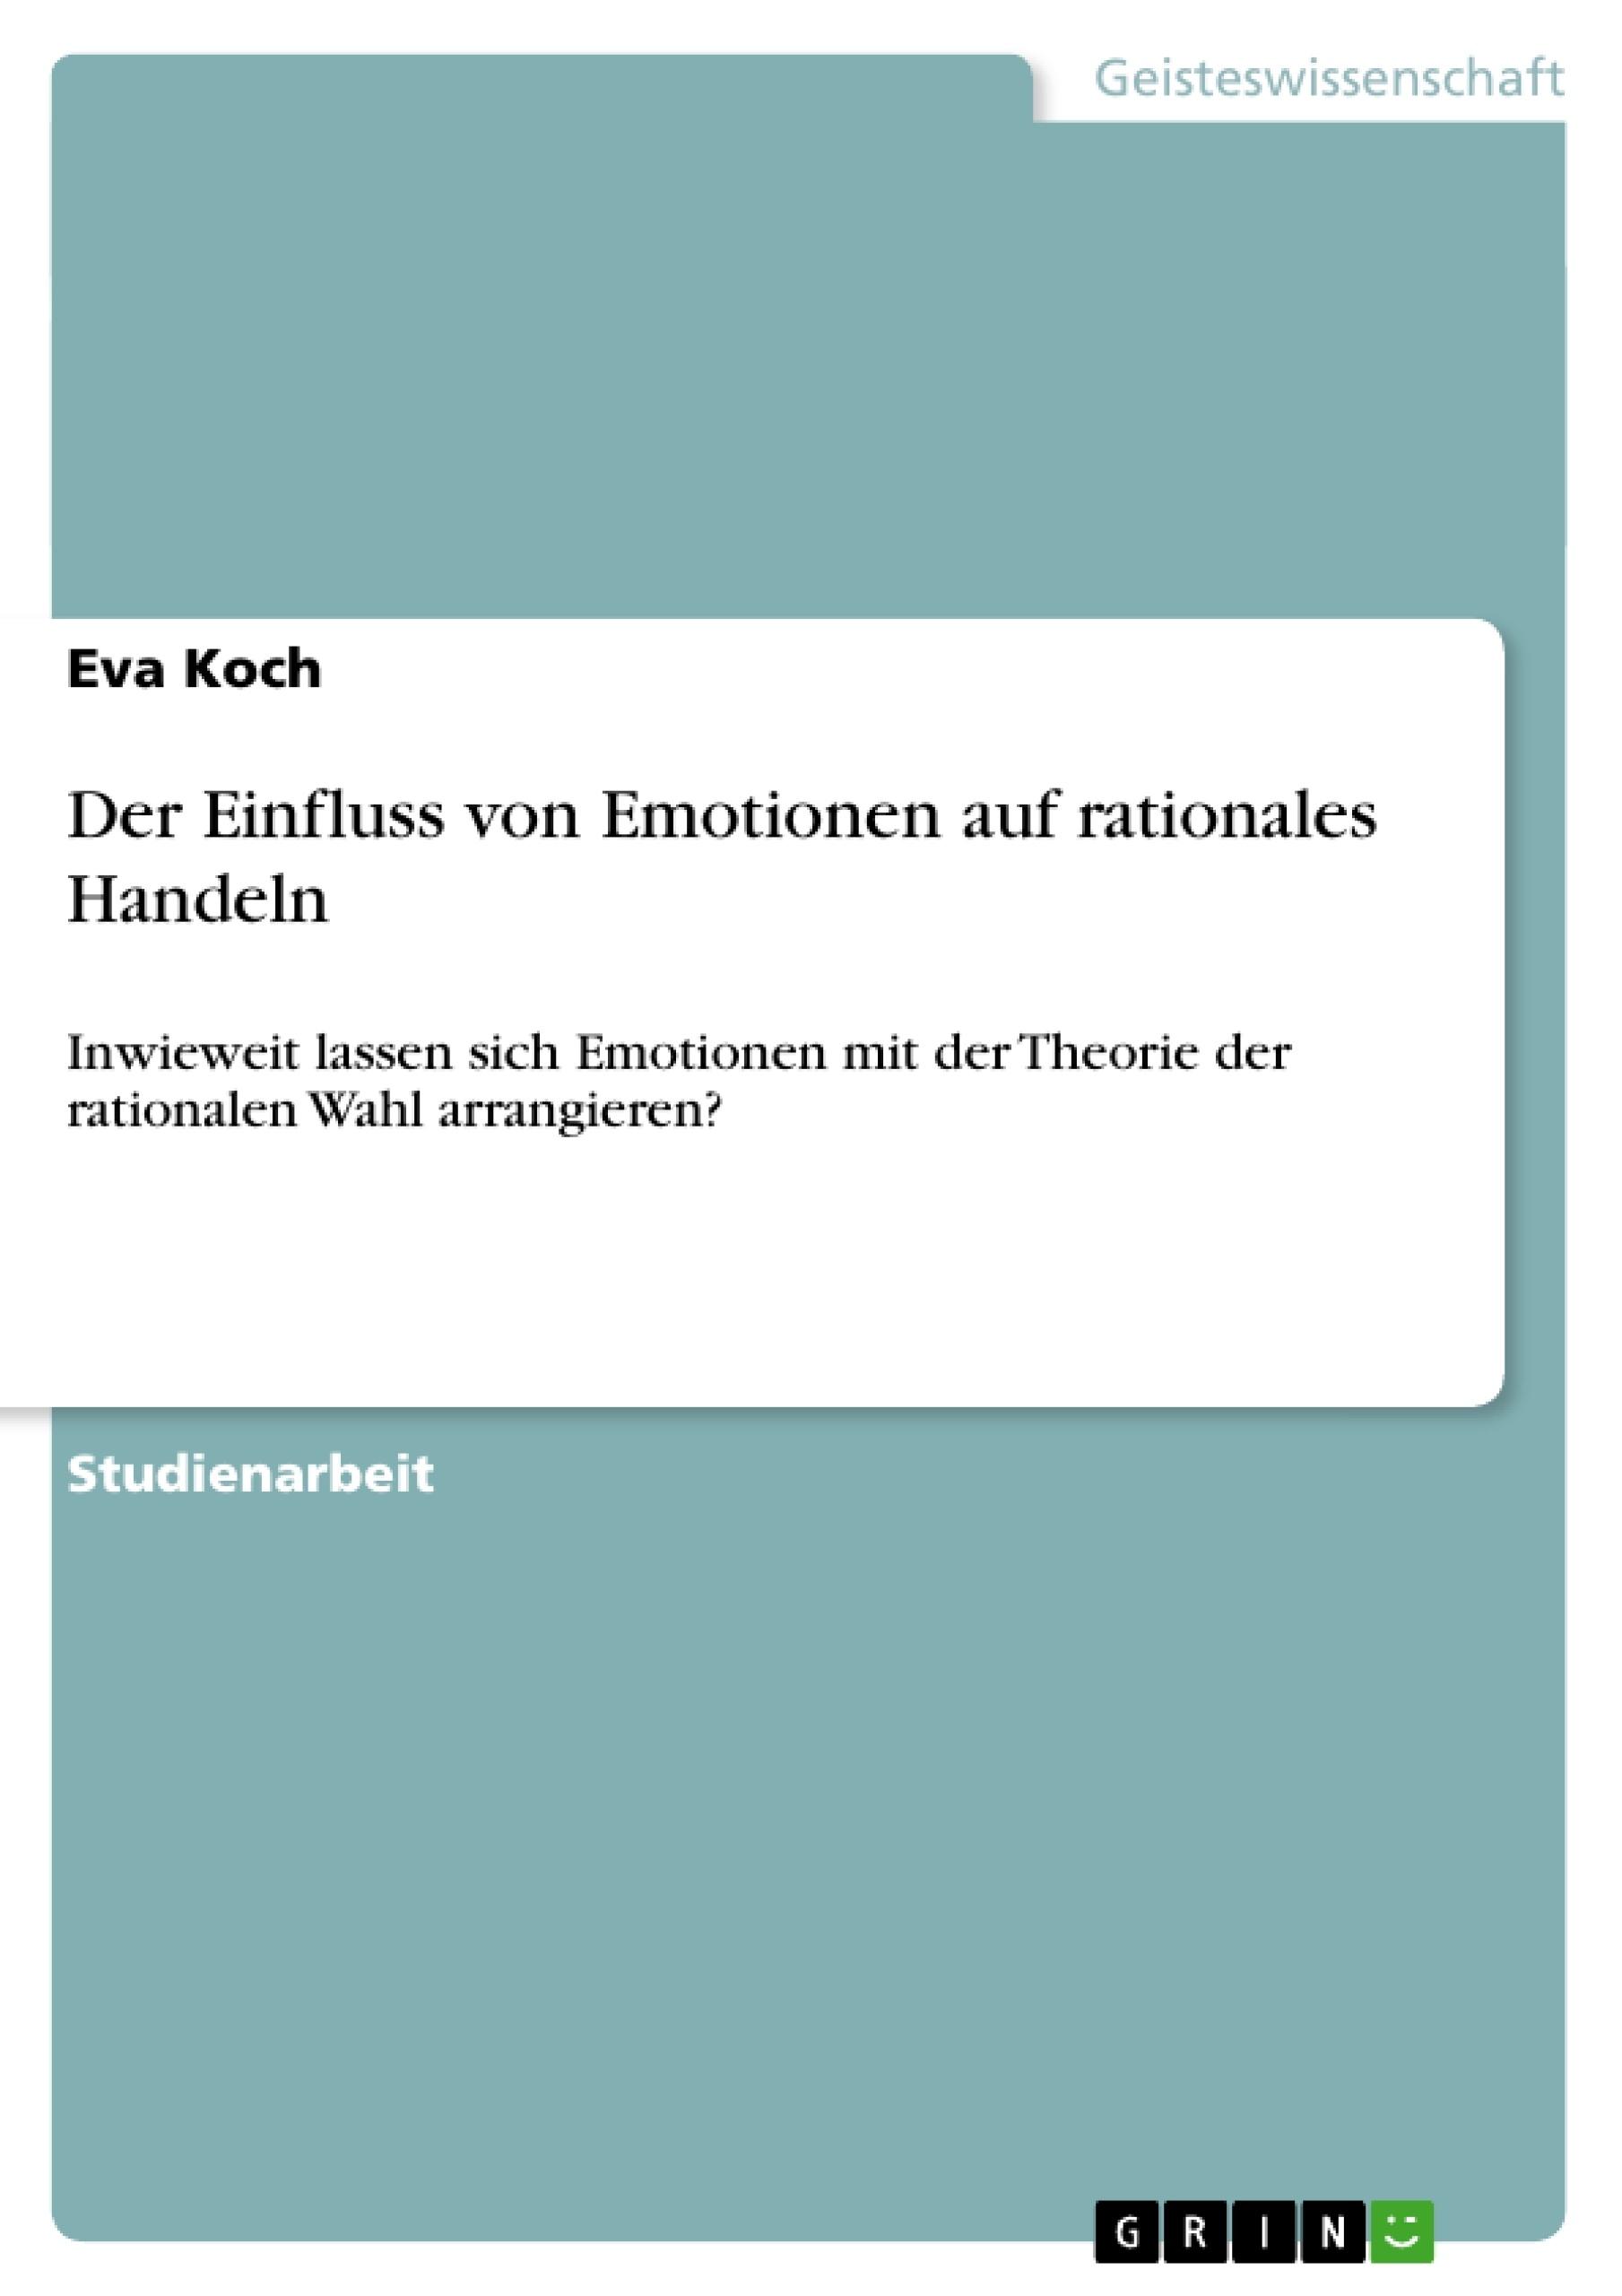 Titel: Der Einfluss von Emotionen auf rationales Handeln